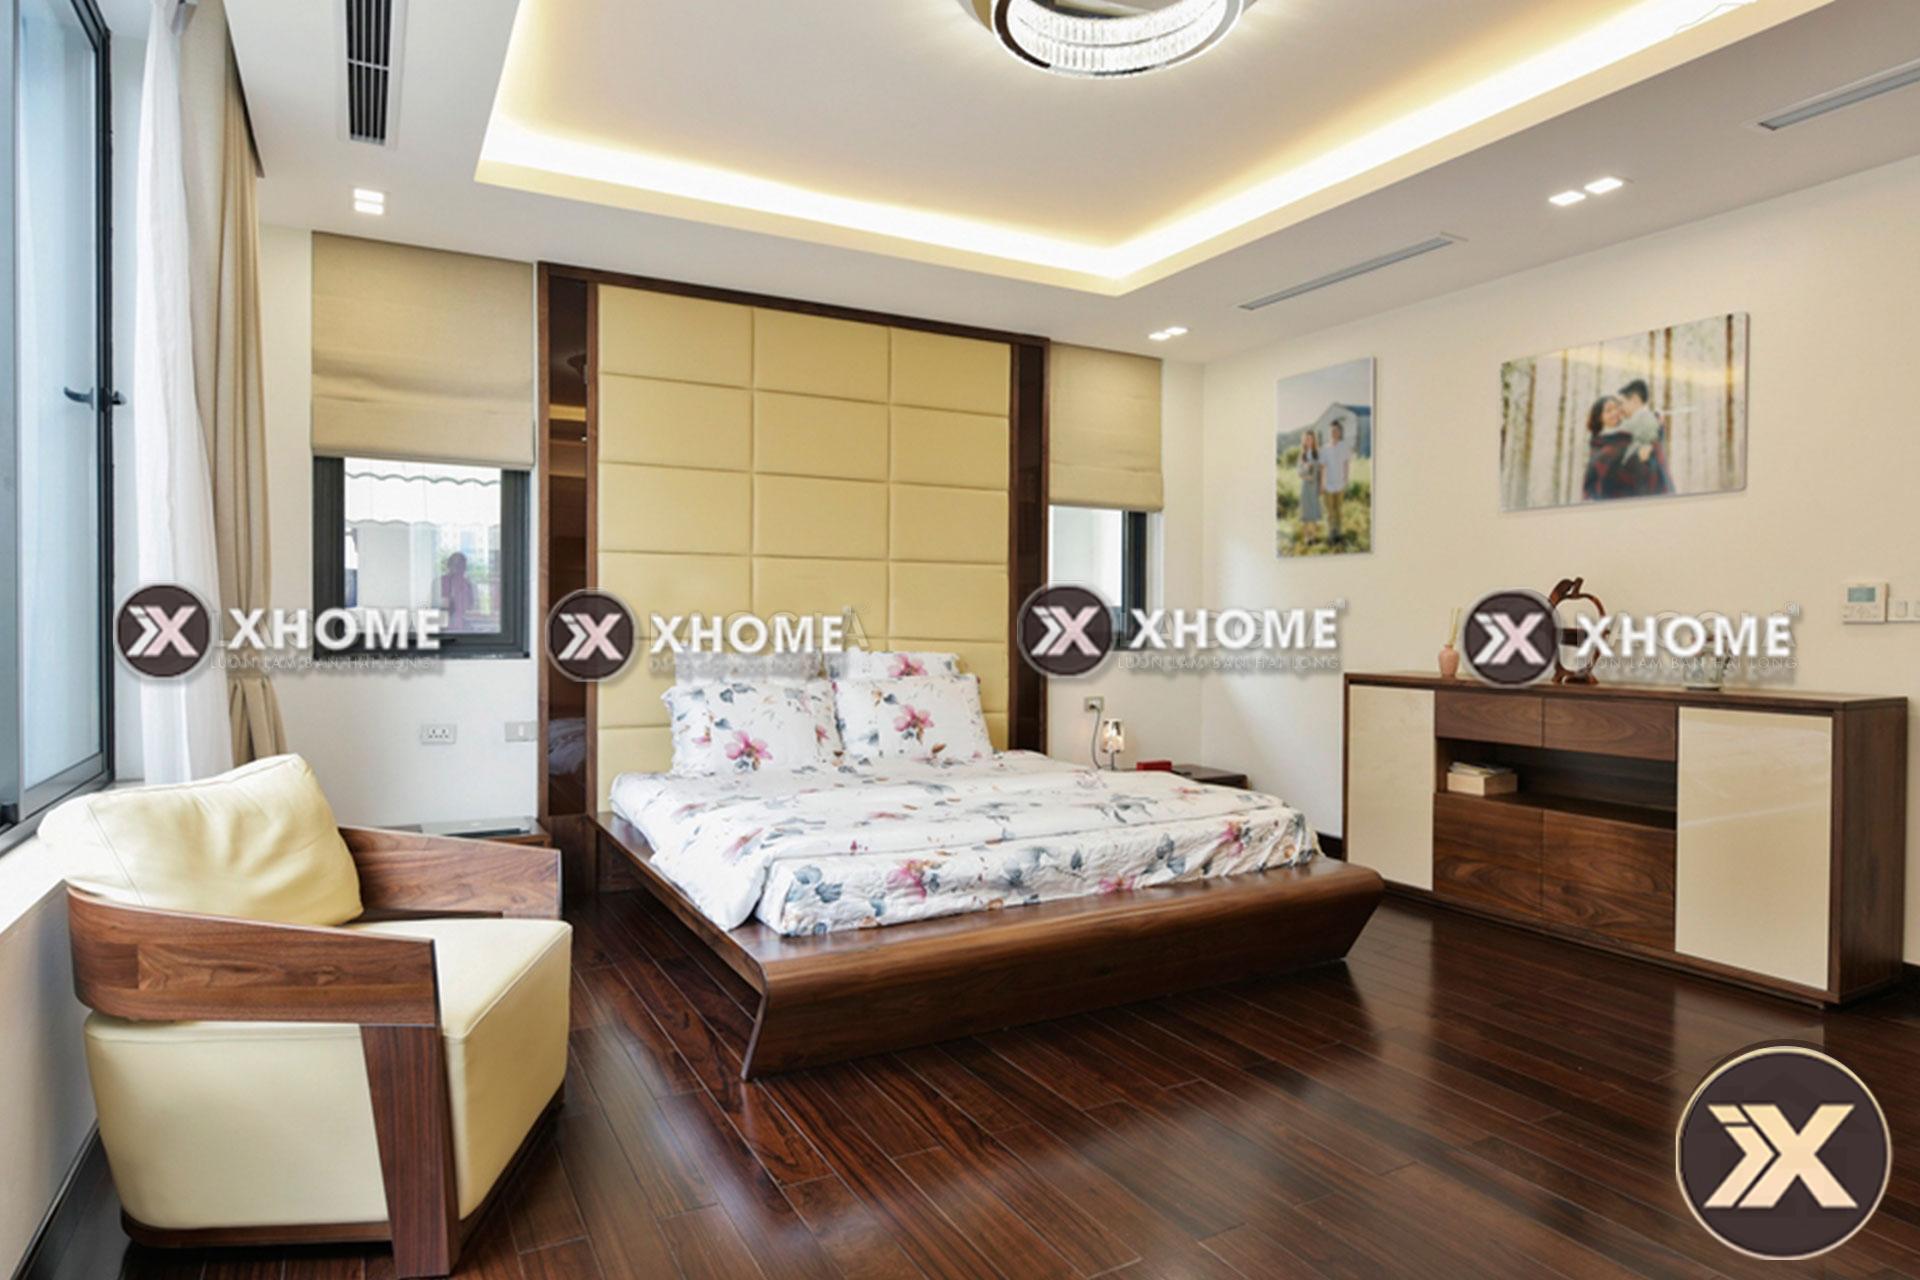 giuong ngu go cao cap gn07 2 - Phòng ngủ Master là gì? 3 lưu ý khi thiết kế nội thất phòng ngủ